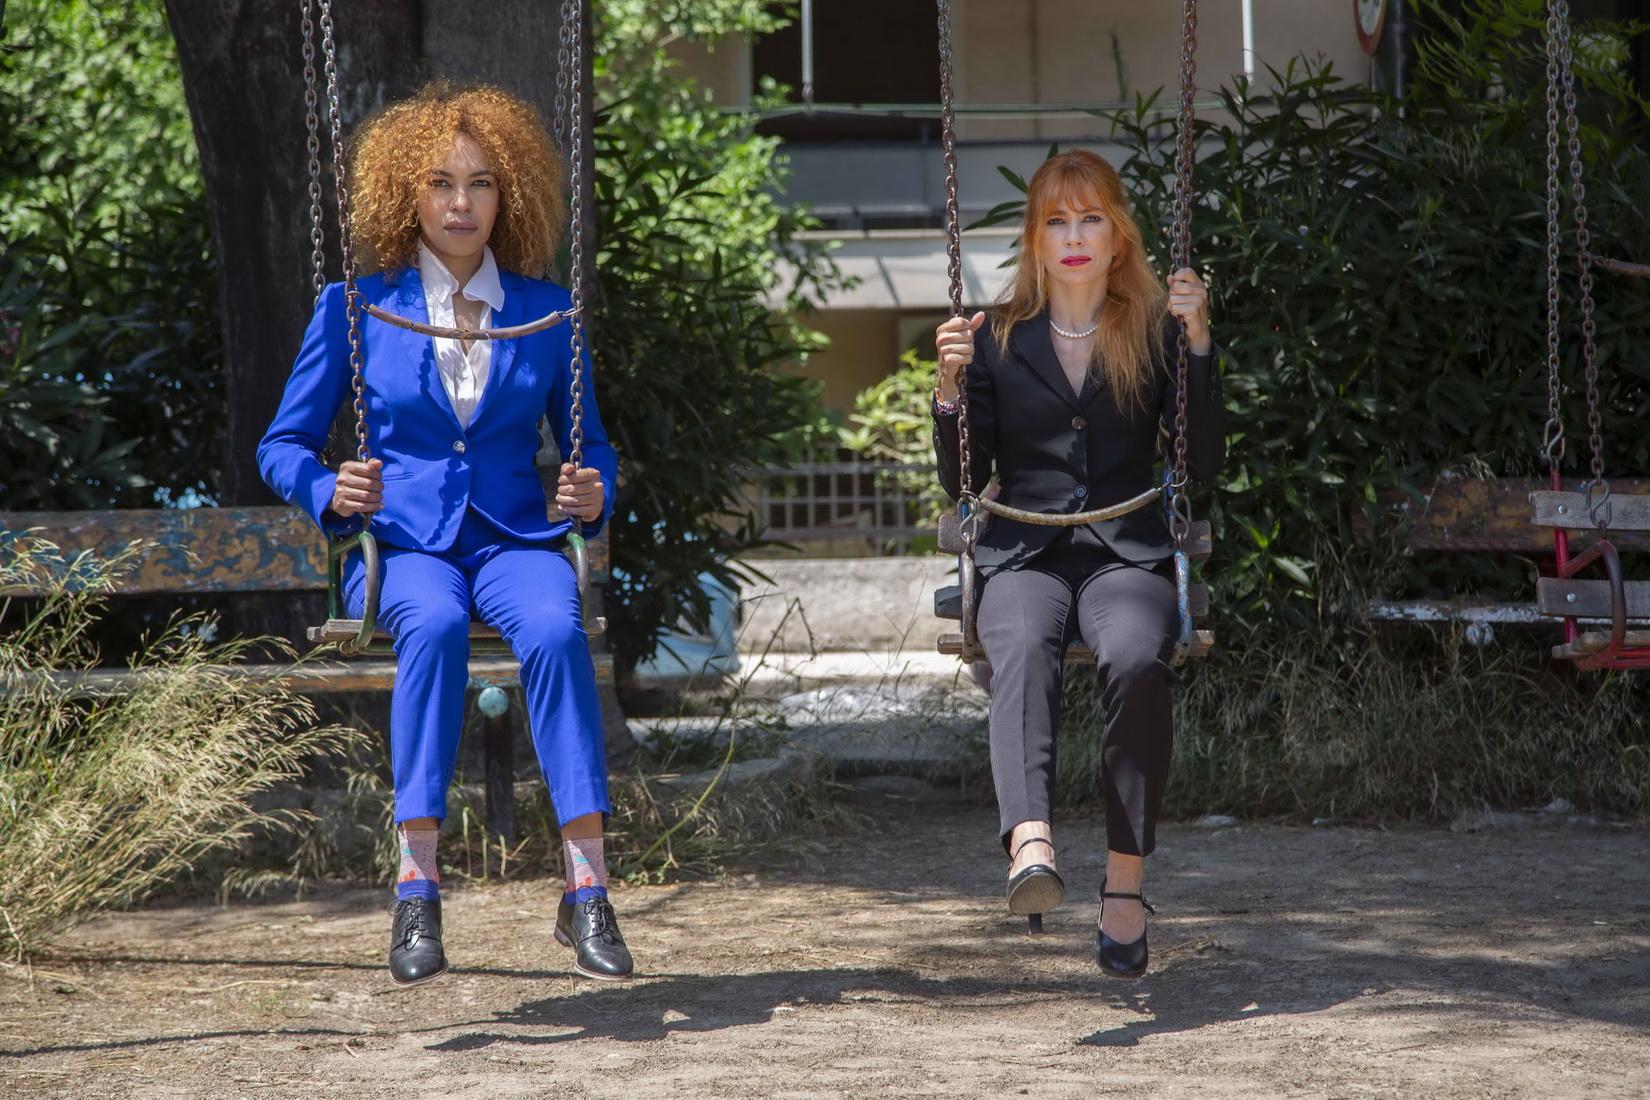 Βάκχες» του Ευριπίδη από το ΔΗΠΕΘΕ Κοζάνης :: Στη Σκιά των Βράχων 2020